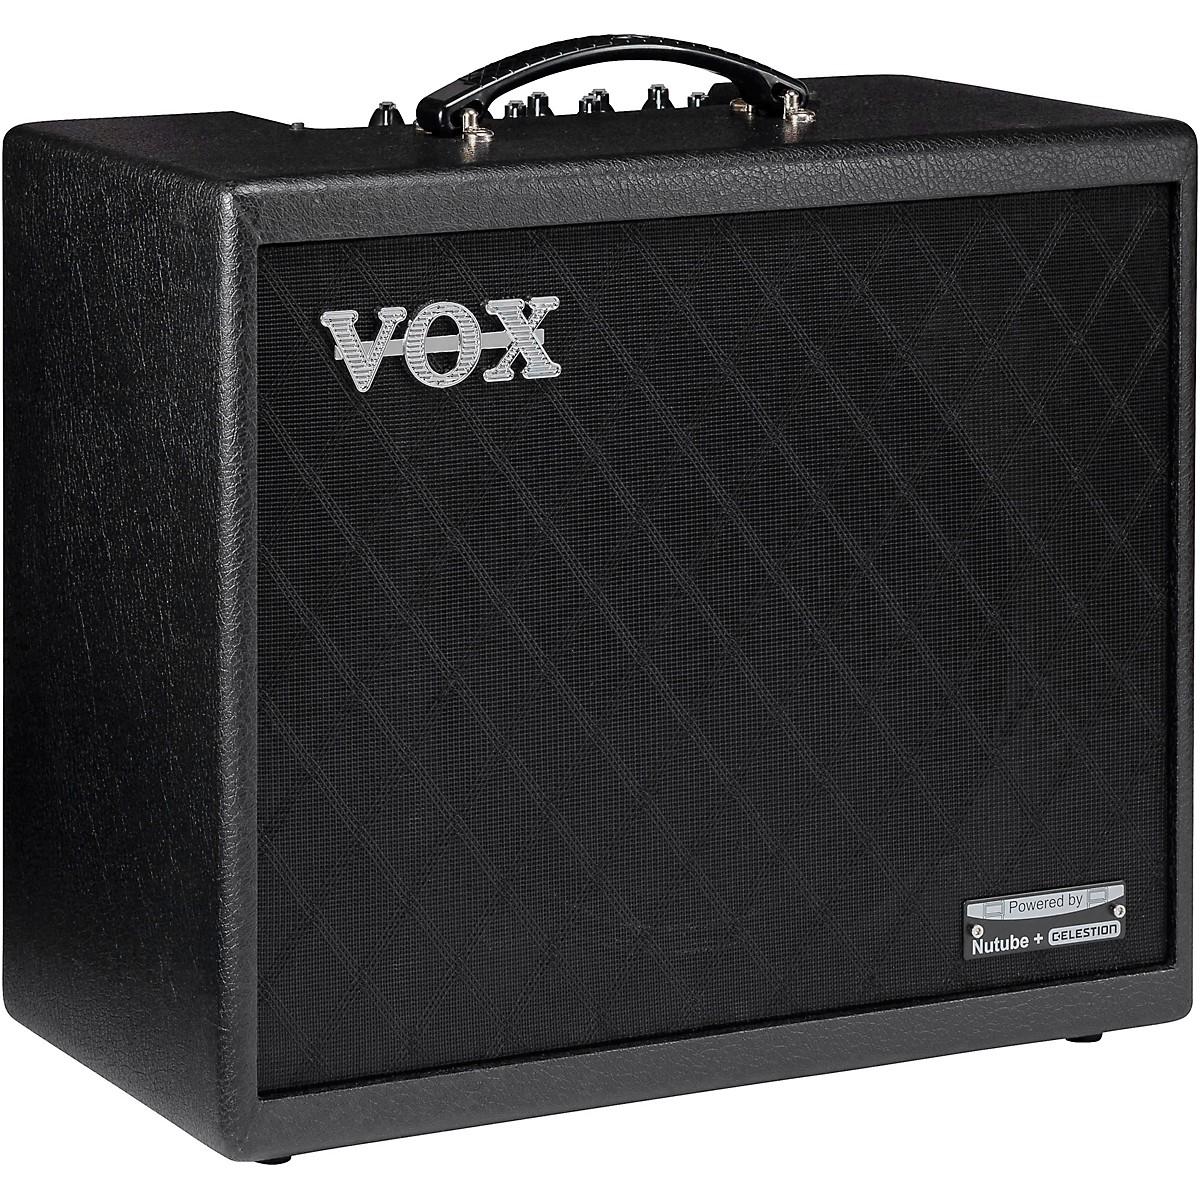 Vox Cambridge50 50W 1x12